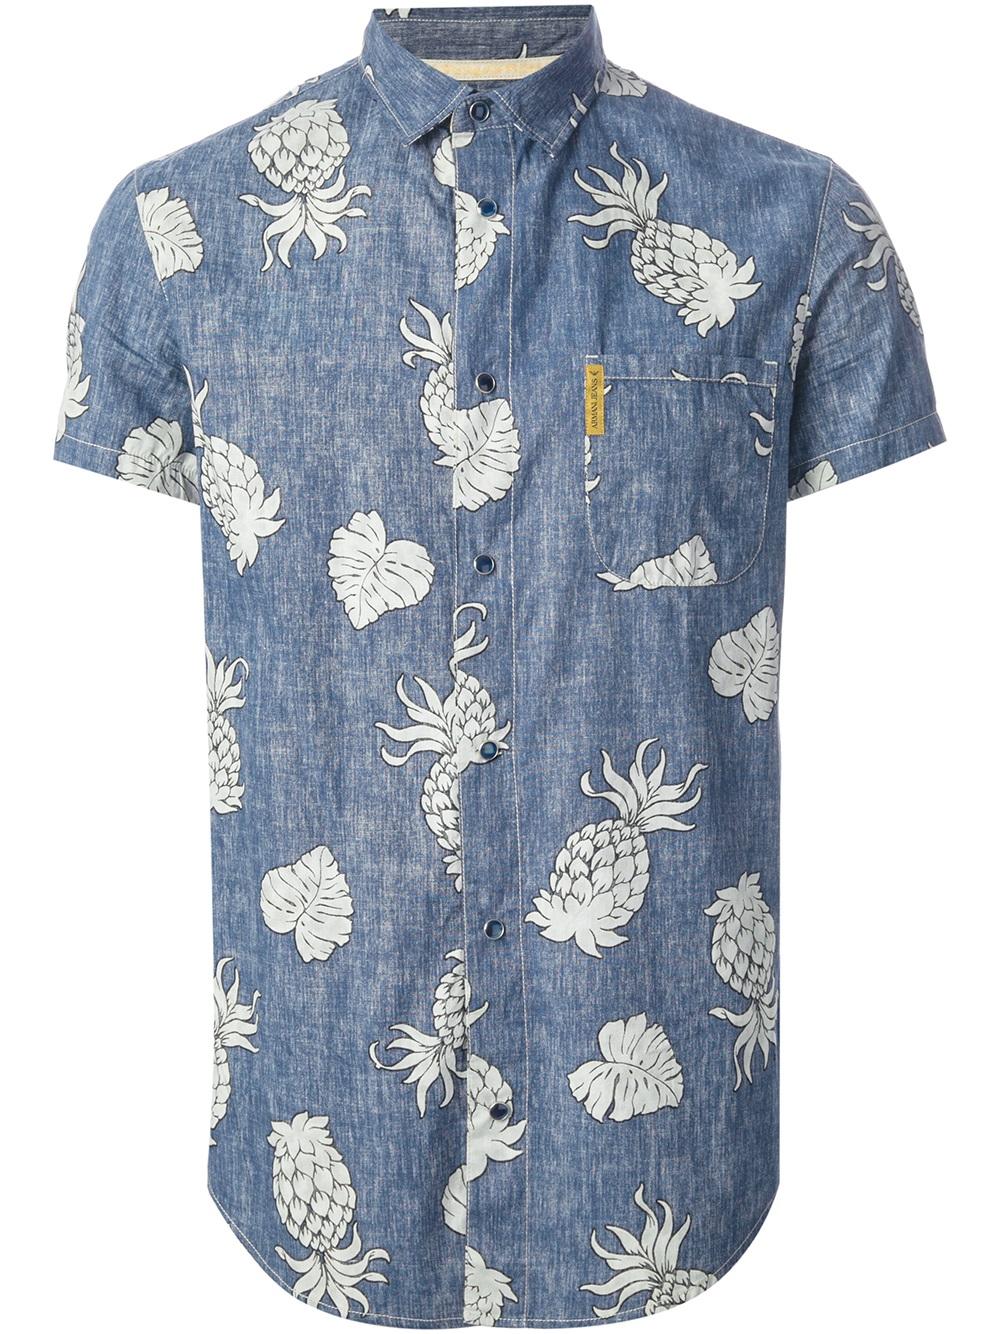 Patterned Dress Shirts For Men